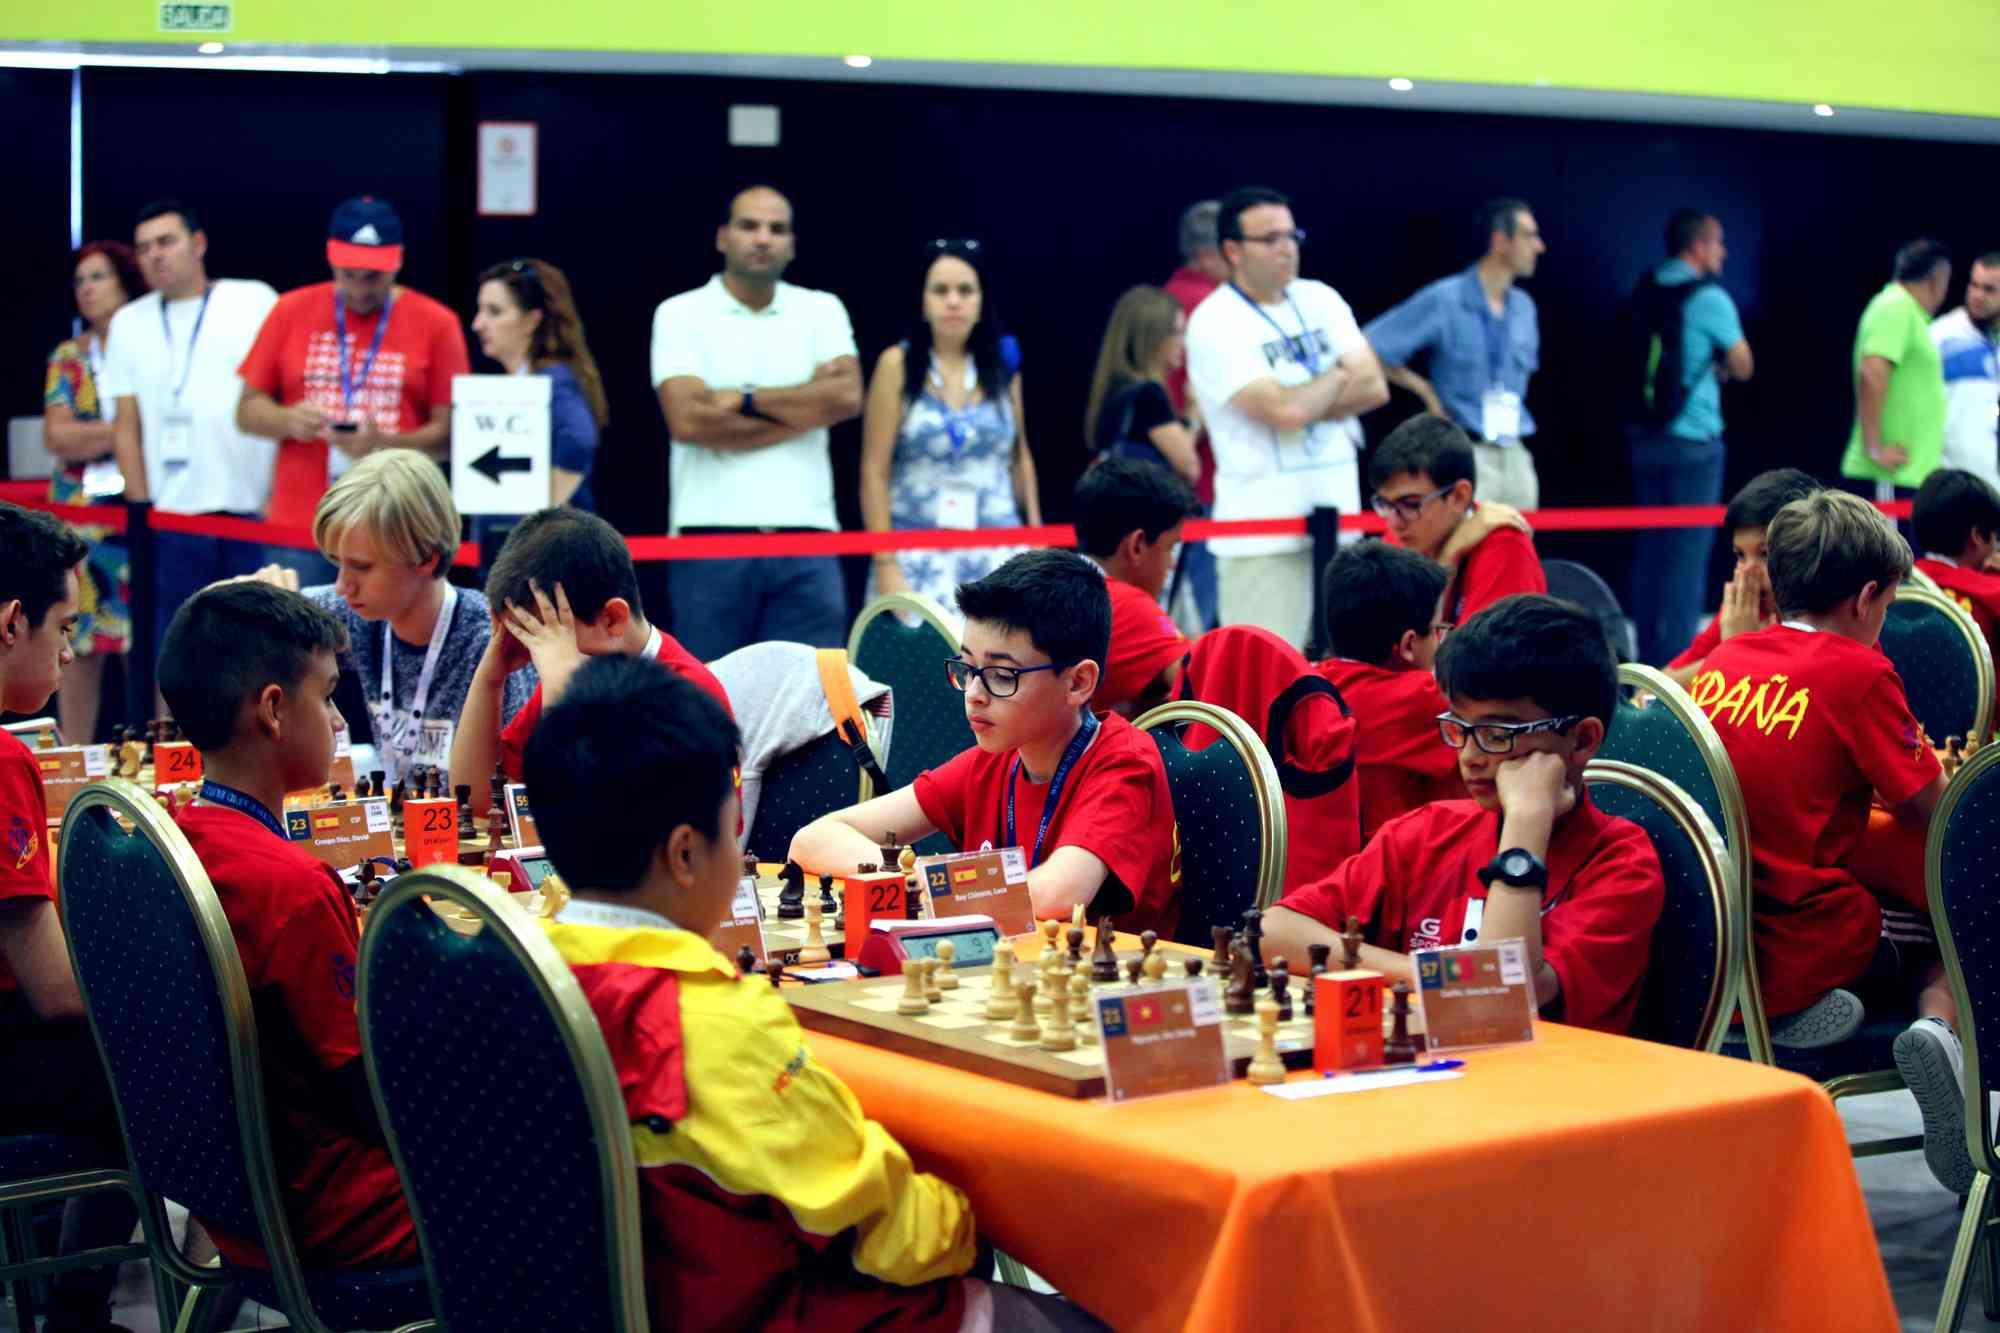 Kỳ thủ Nguyễn Thiên Ngân giành ngôi vô địch cờ vua trẻ thế giới - 1